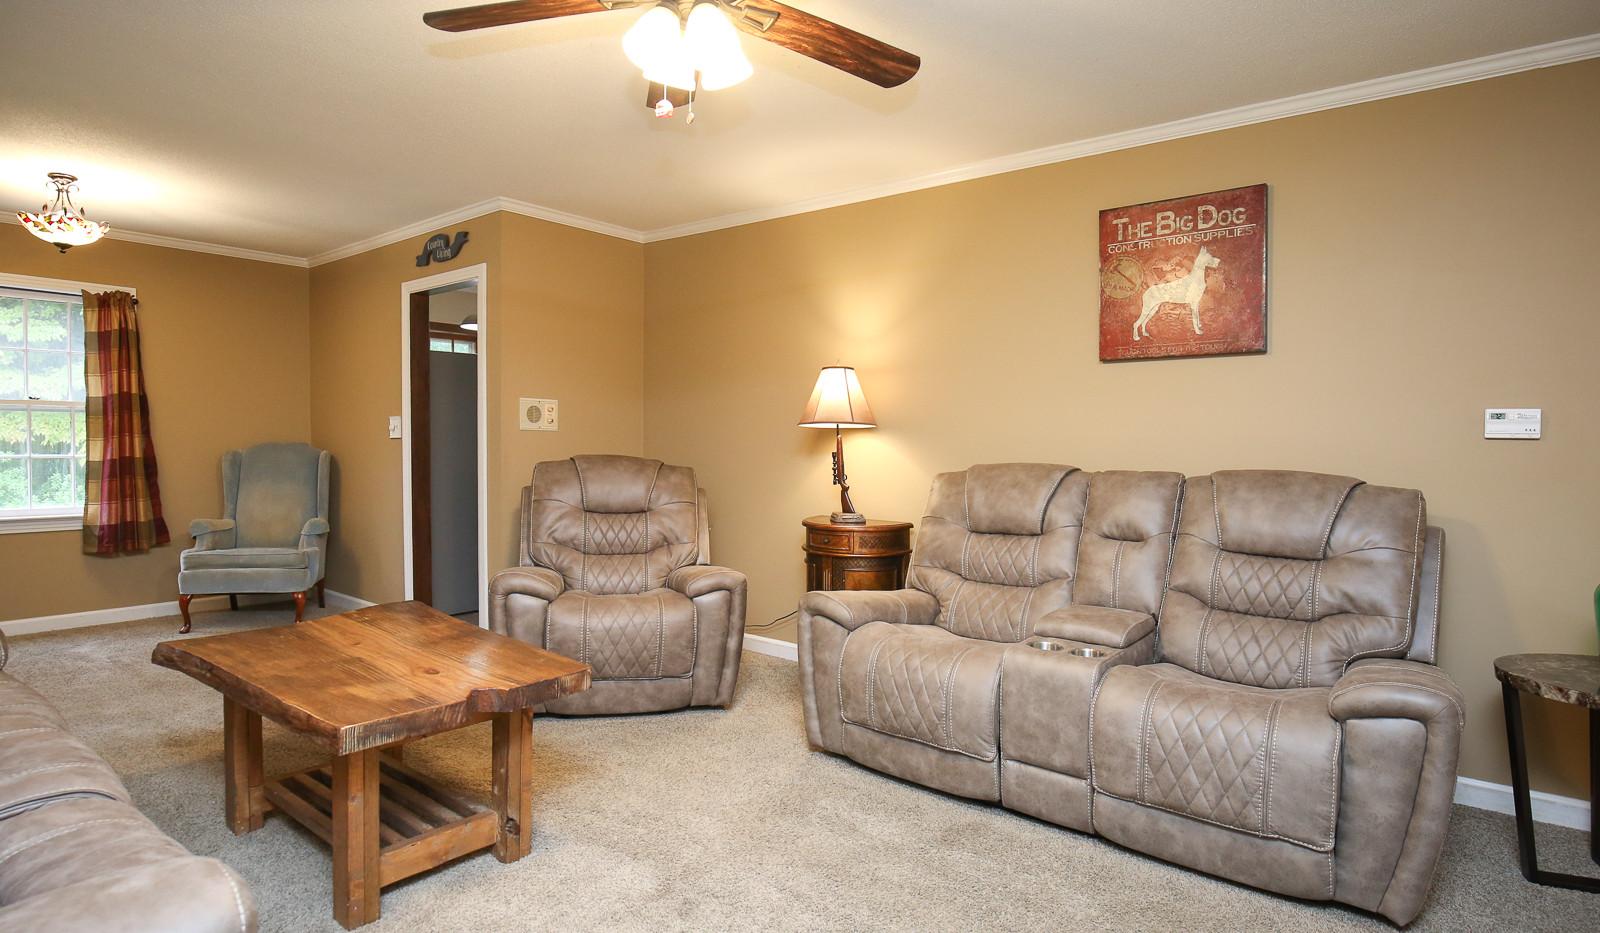 009_294_barnes_ave_living_room.jpg